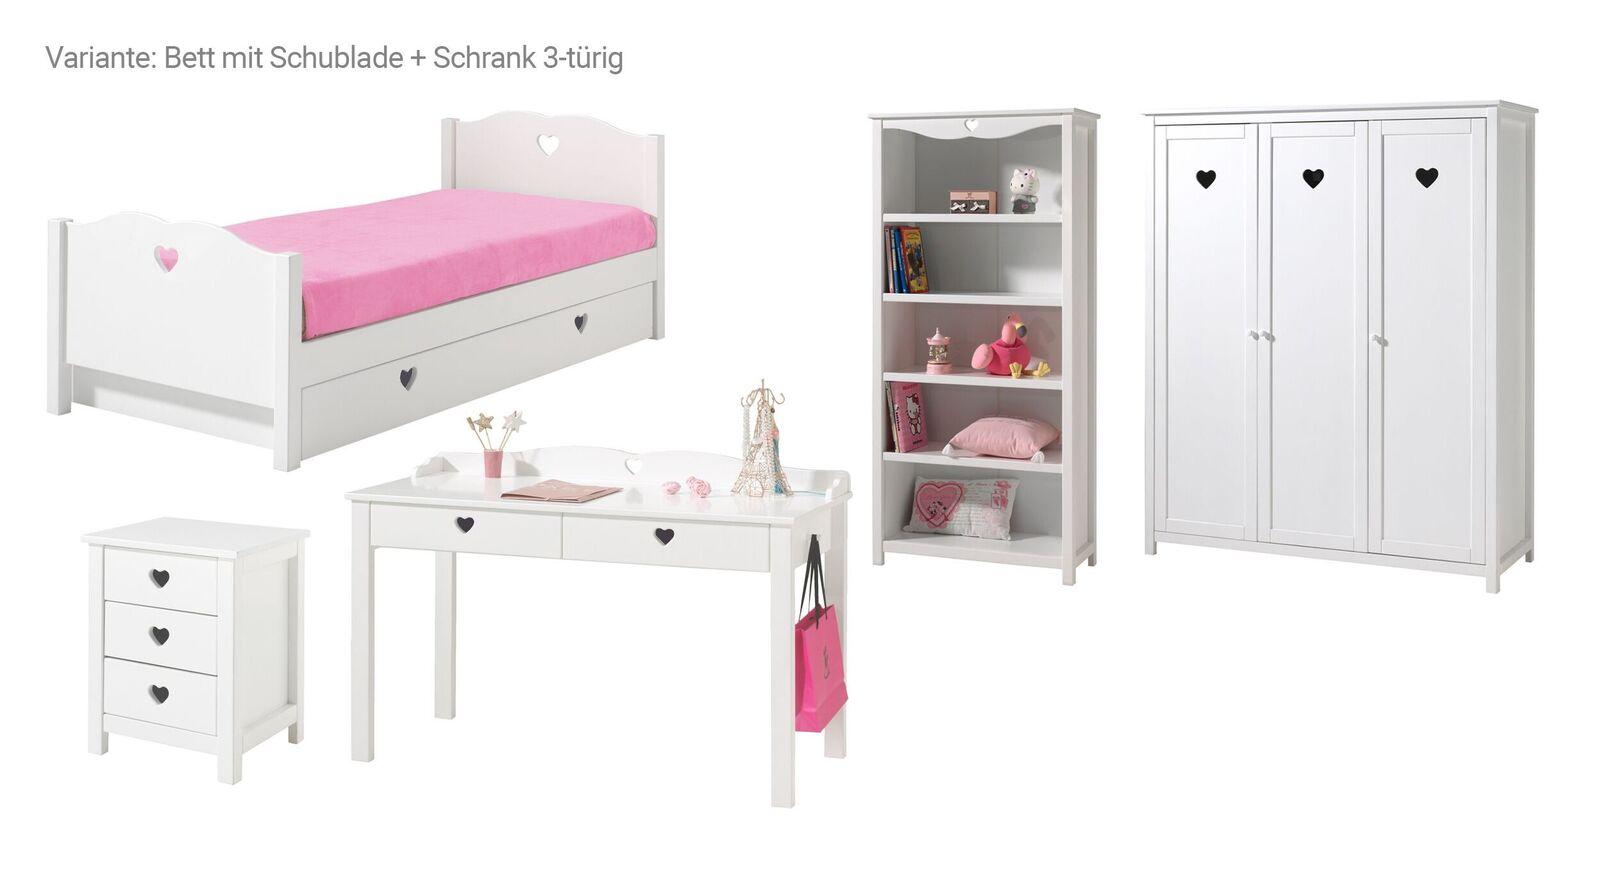 5-tlg Jugendzimmer Asami Bett mit Schublade und 3-türiger Schrank